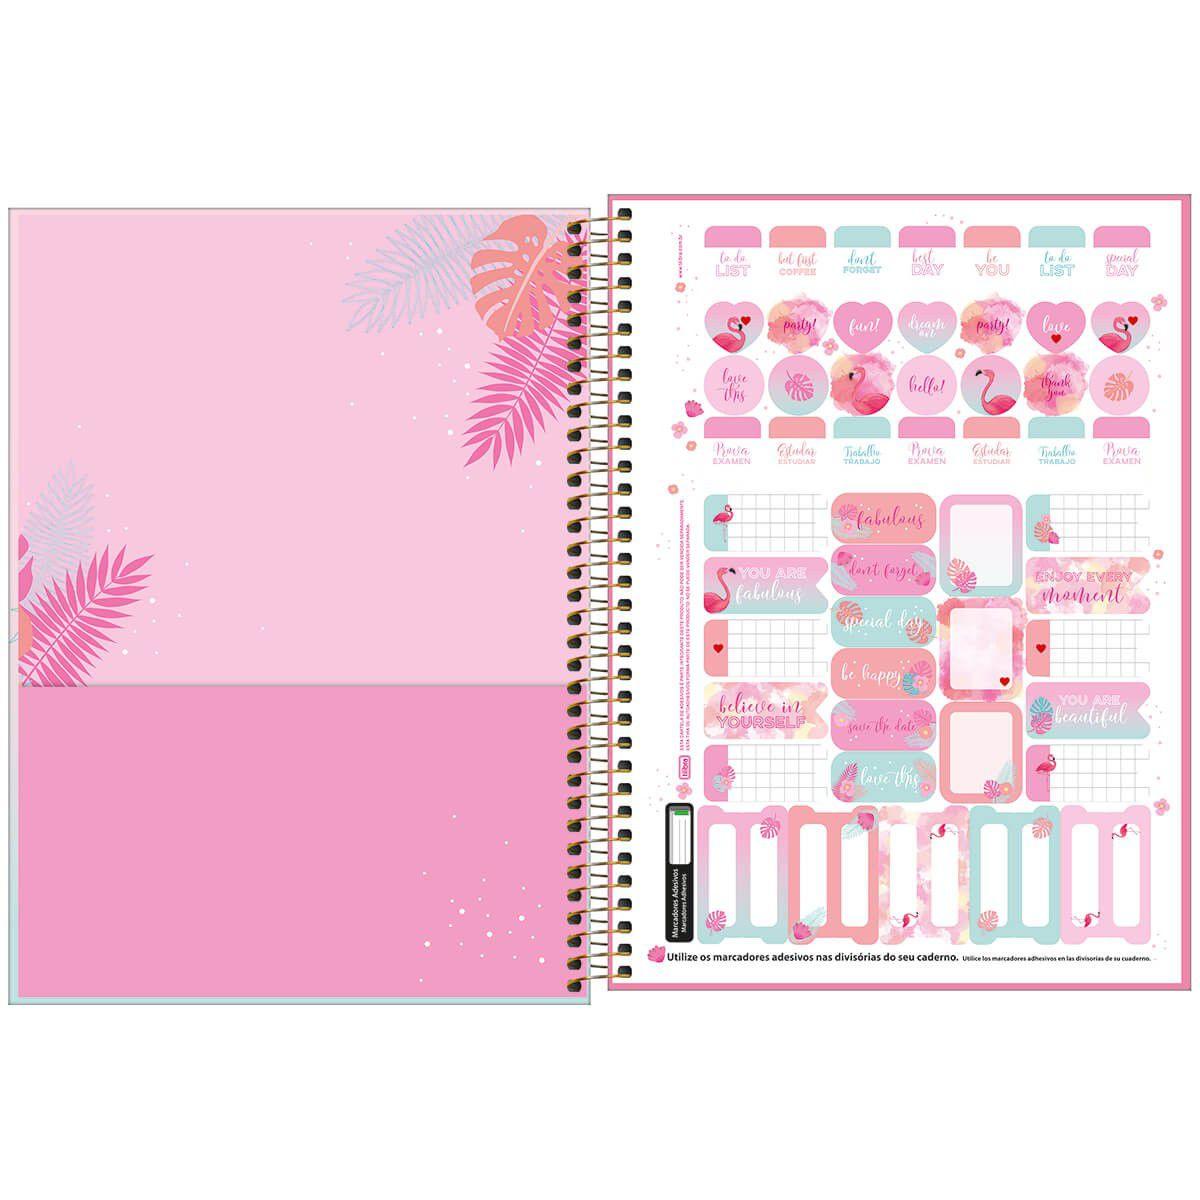 Caderno universitário 10 matérias 160 fls Aloha Tilibra